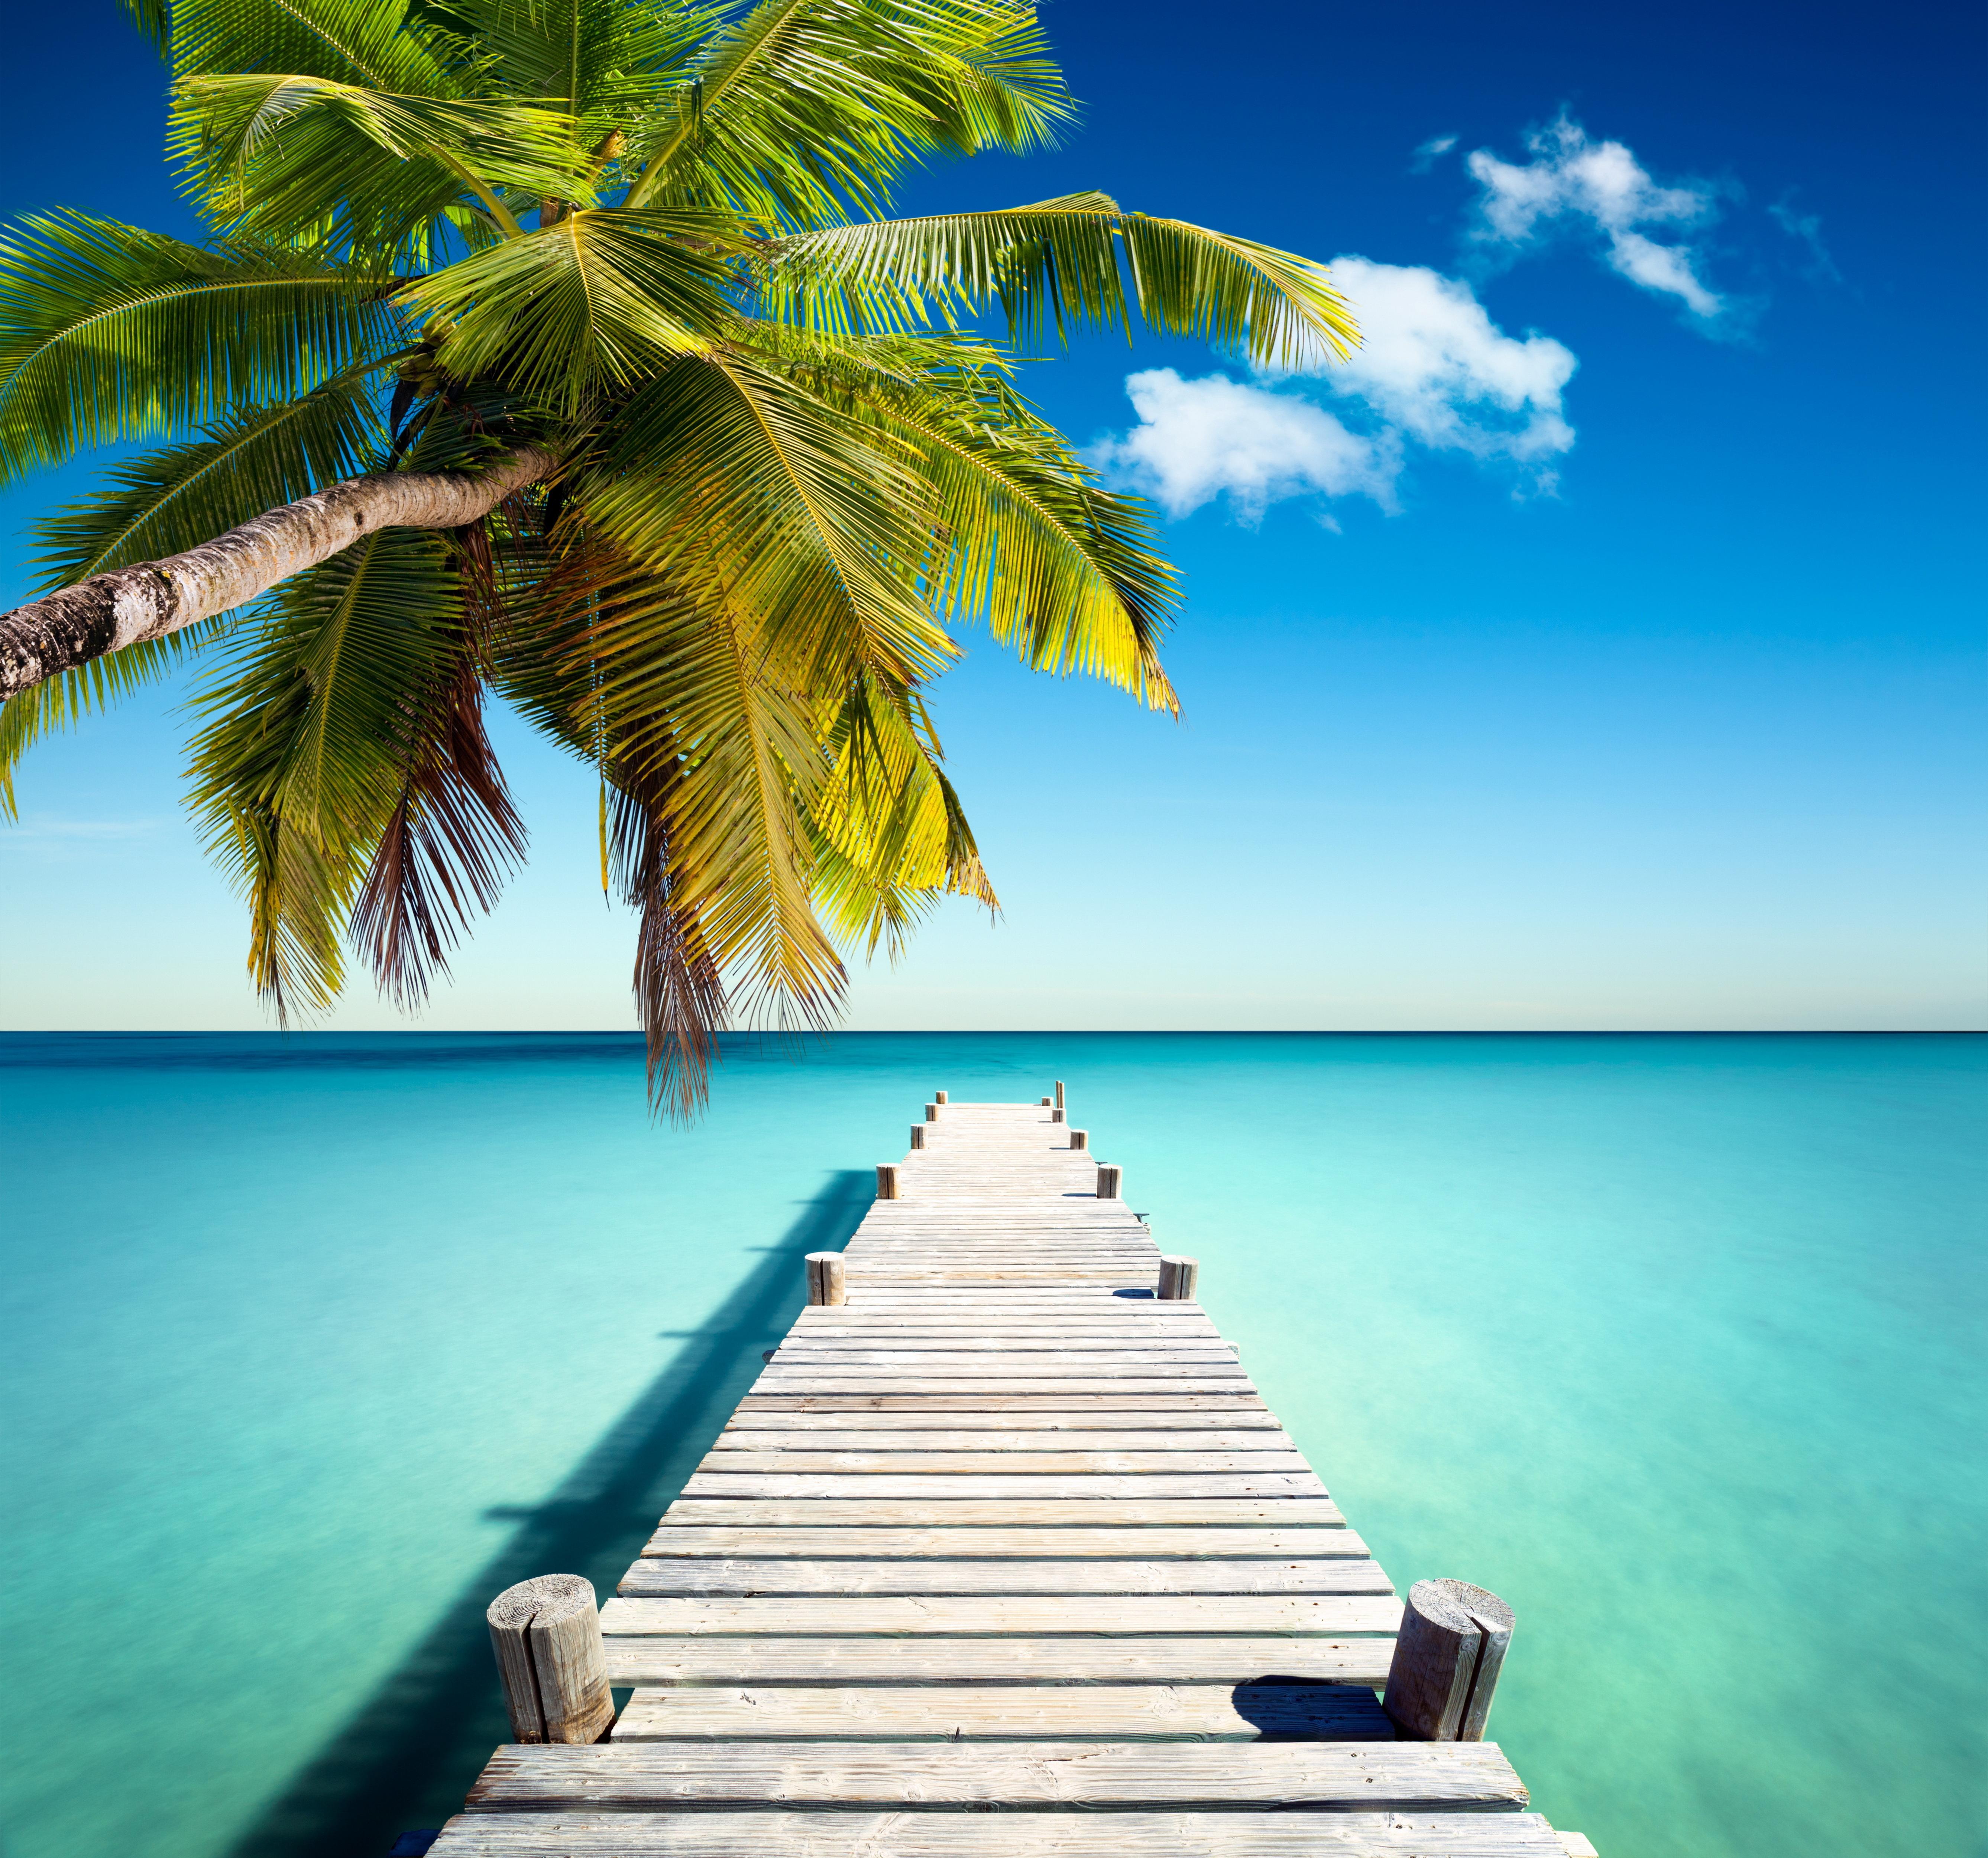 море красивые обои на телефон этом составе нужно